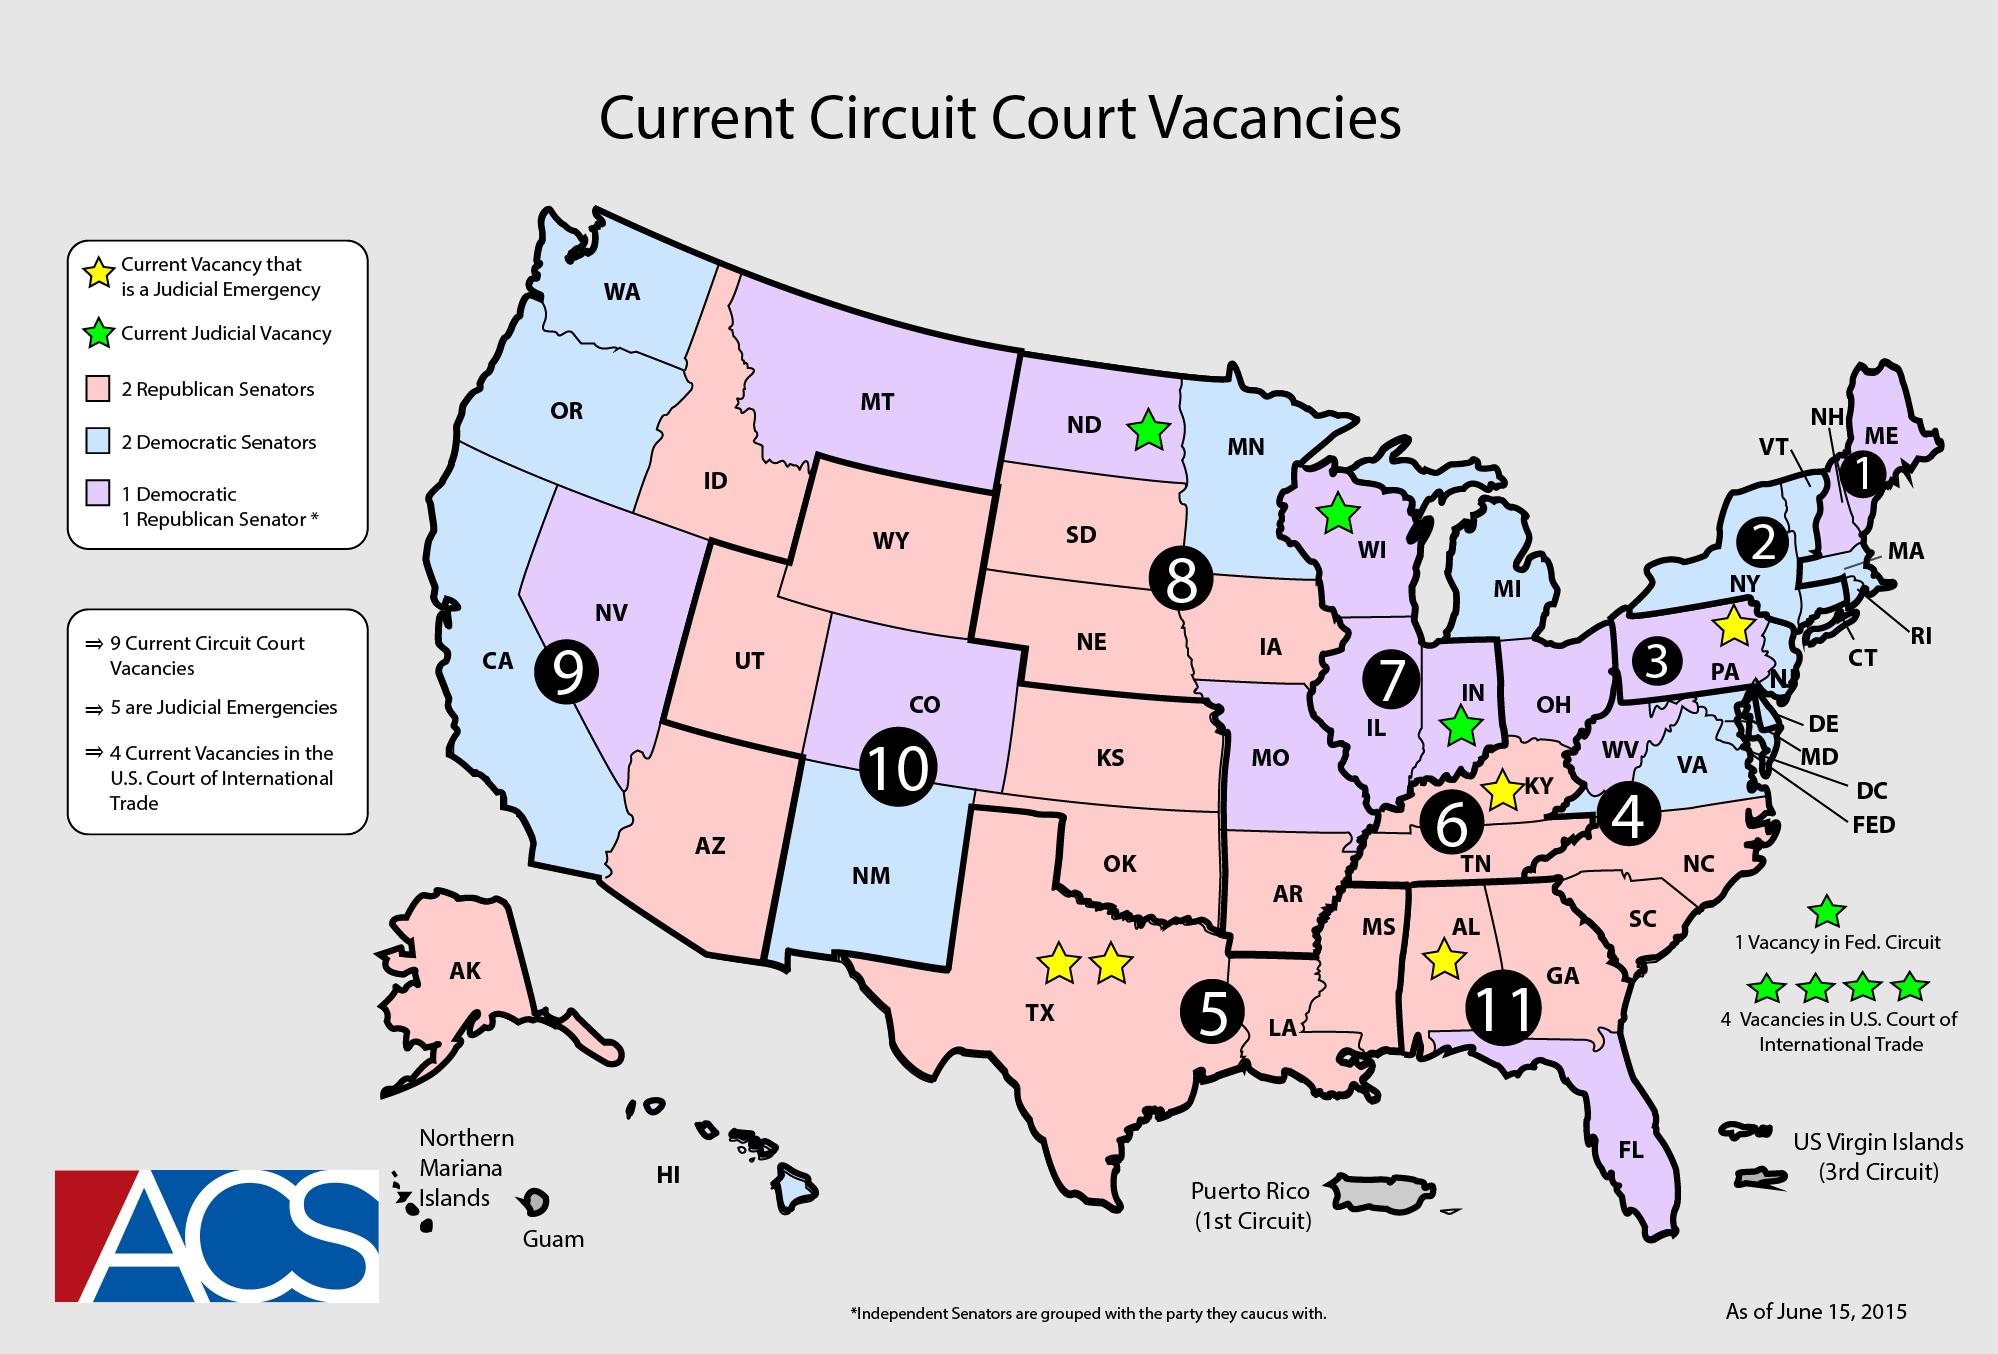 06.15.15_CC_Vacancies.png